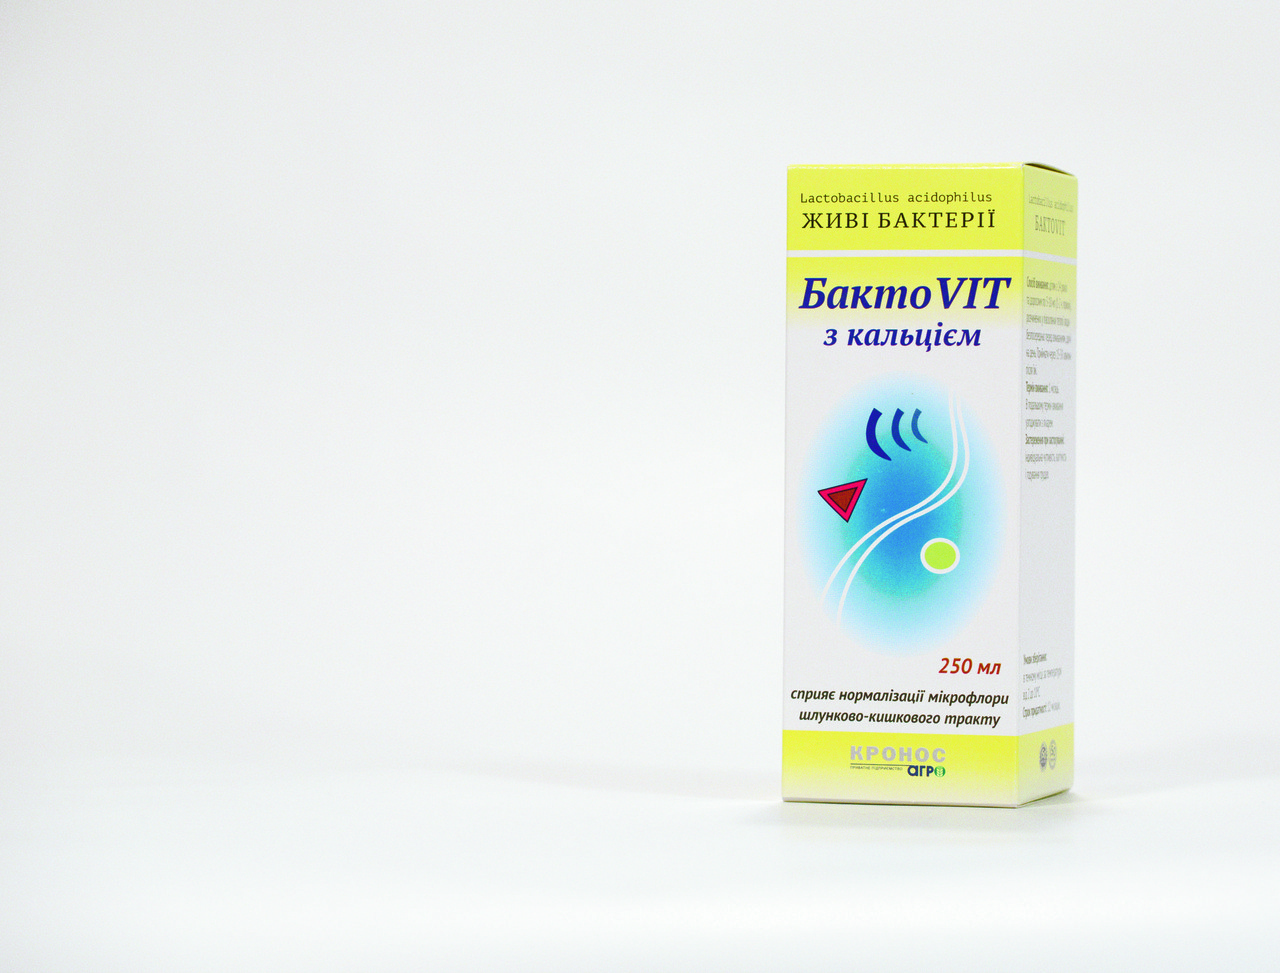 БактоVIT с Кальцием пробиотик  для пищеварительной системы, флакон 250мл